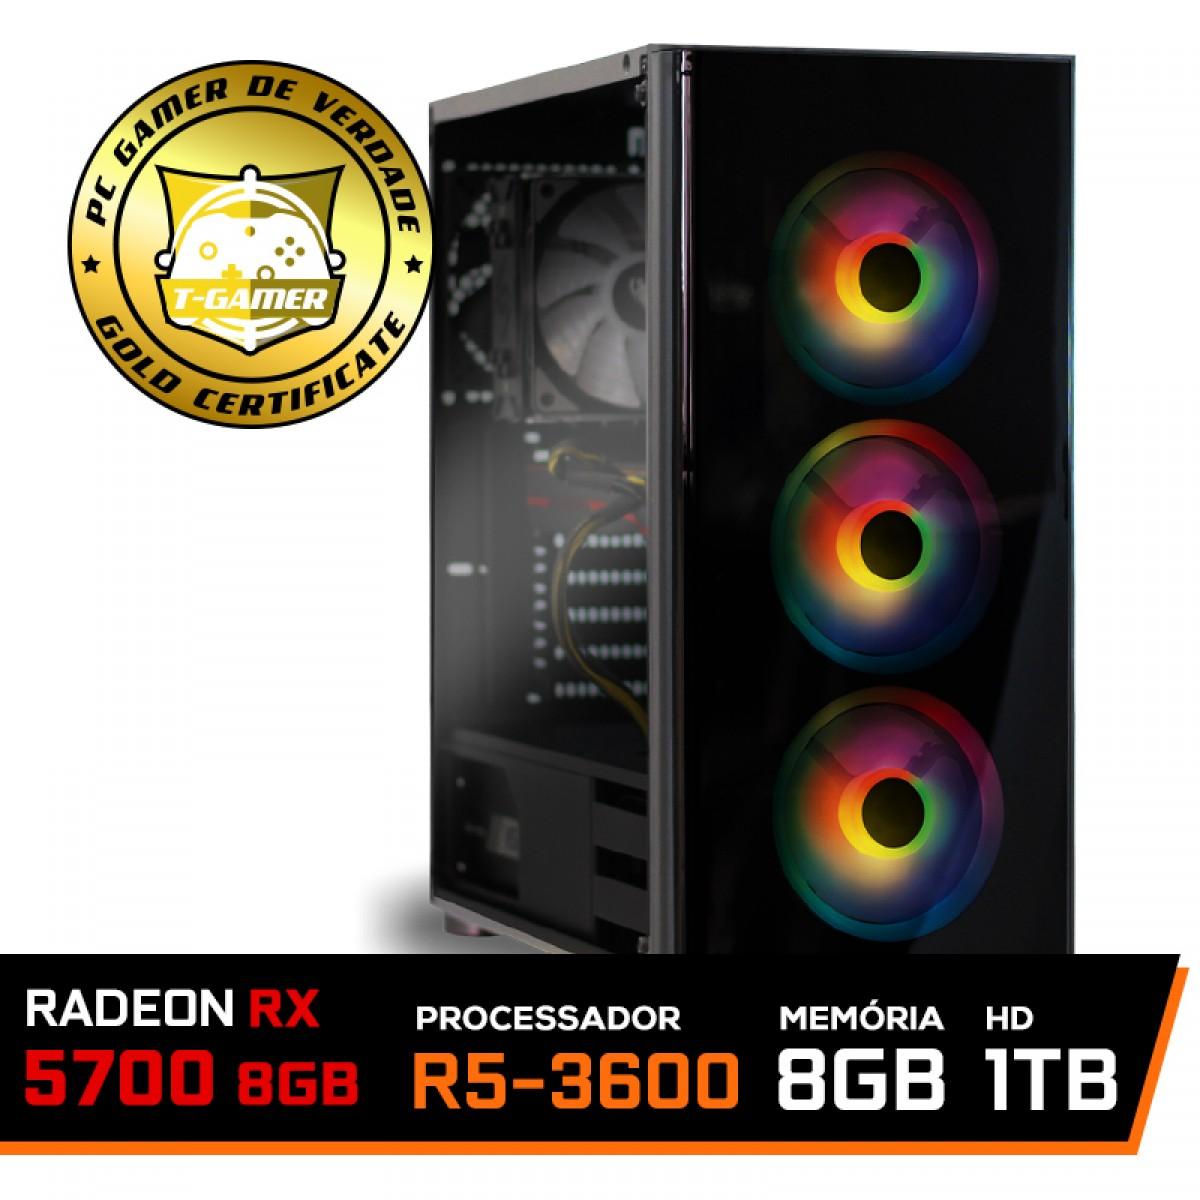 Pc Gamer Ideal 2019 Amd Ryzen 5 3600 / Radeon RX 5700 8GB / DDR4 8GB RGB 3000Mhz / HD 1TB / 600W